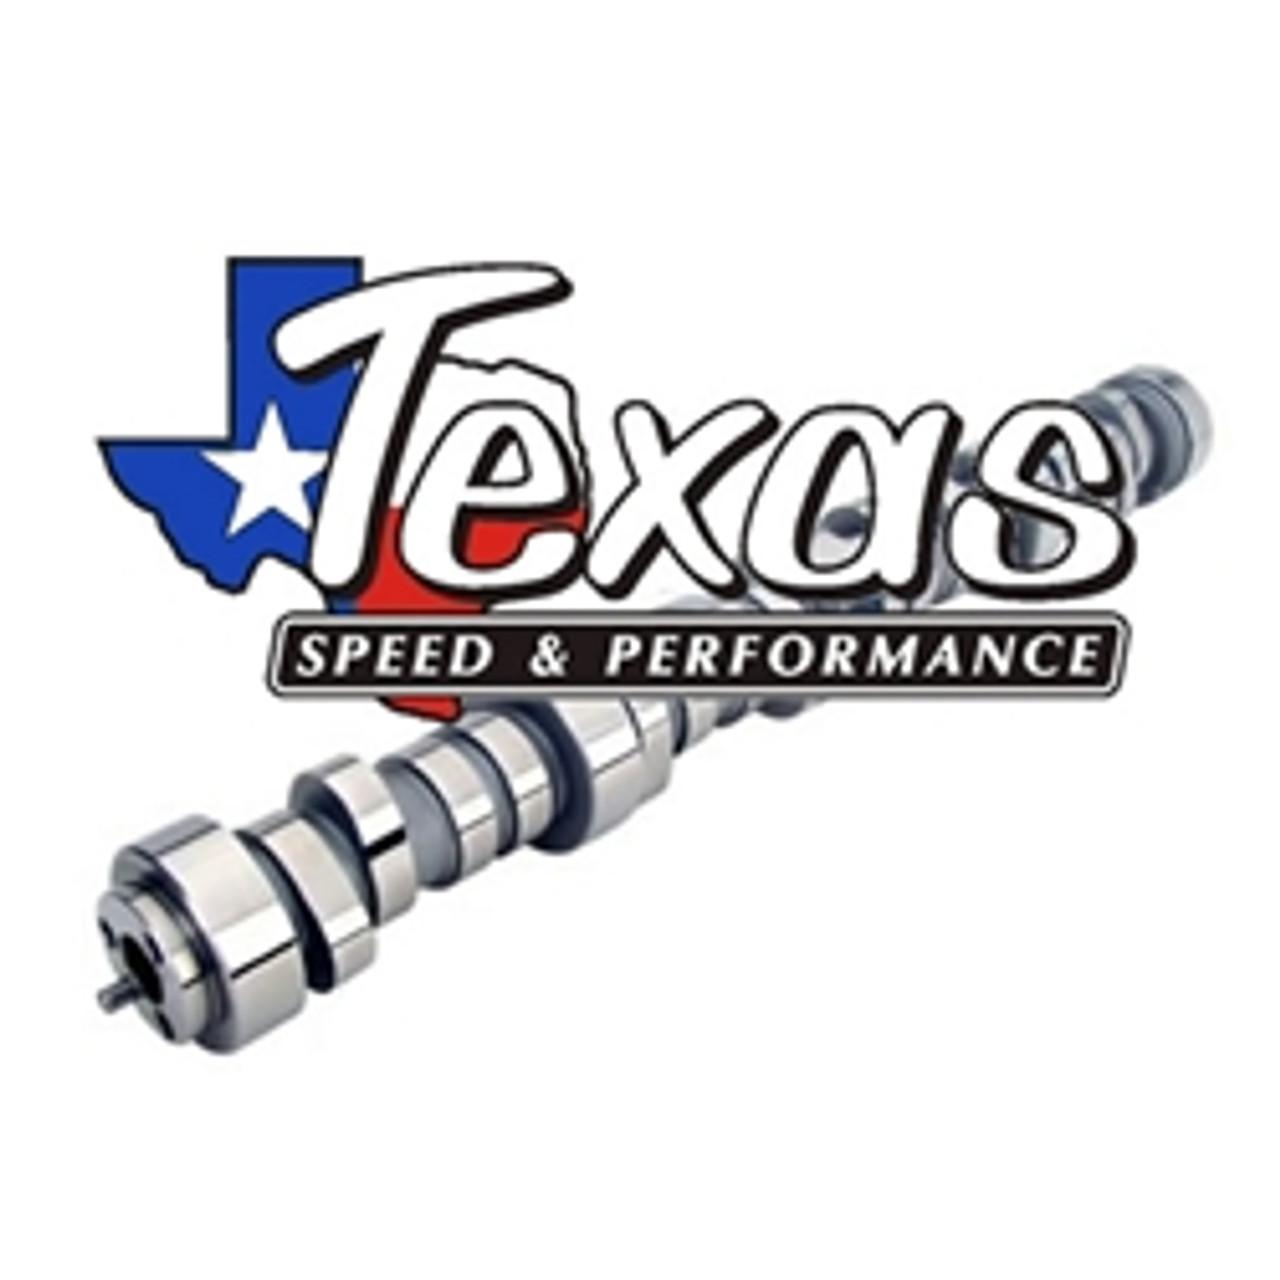 Texas Speed 224R 224/224 Camshaft Package